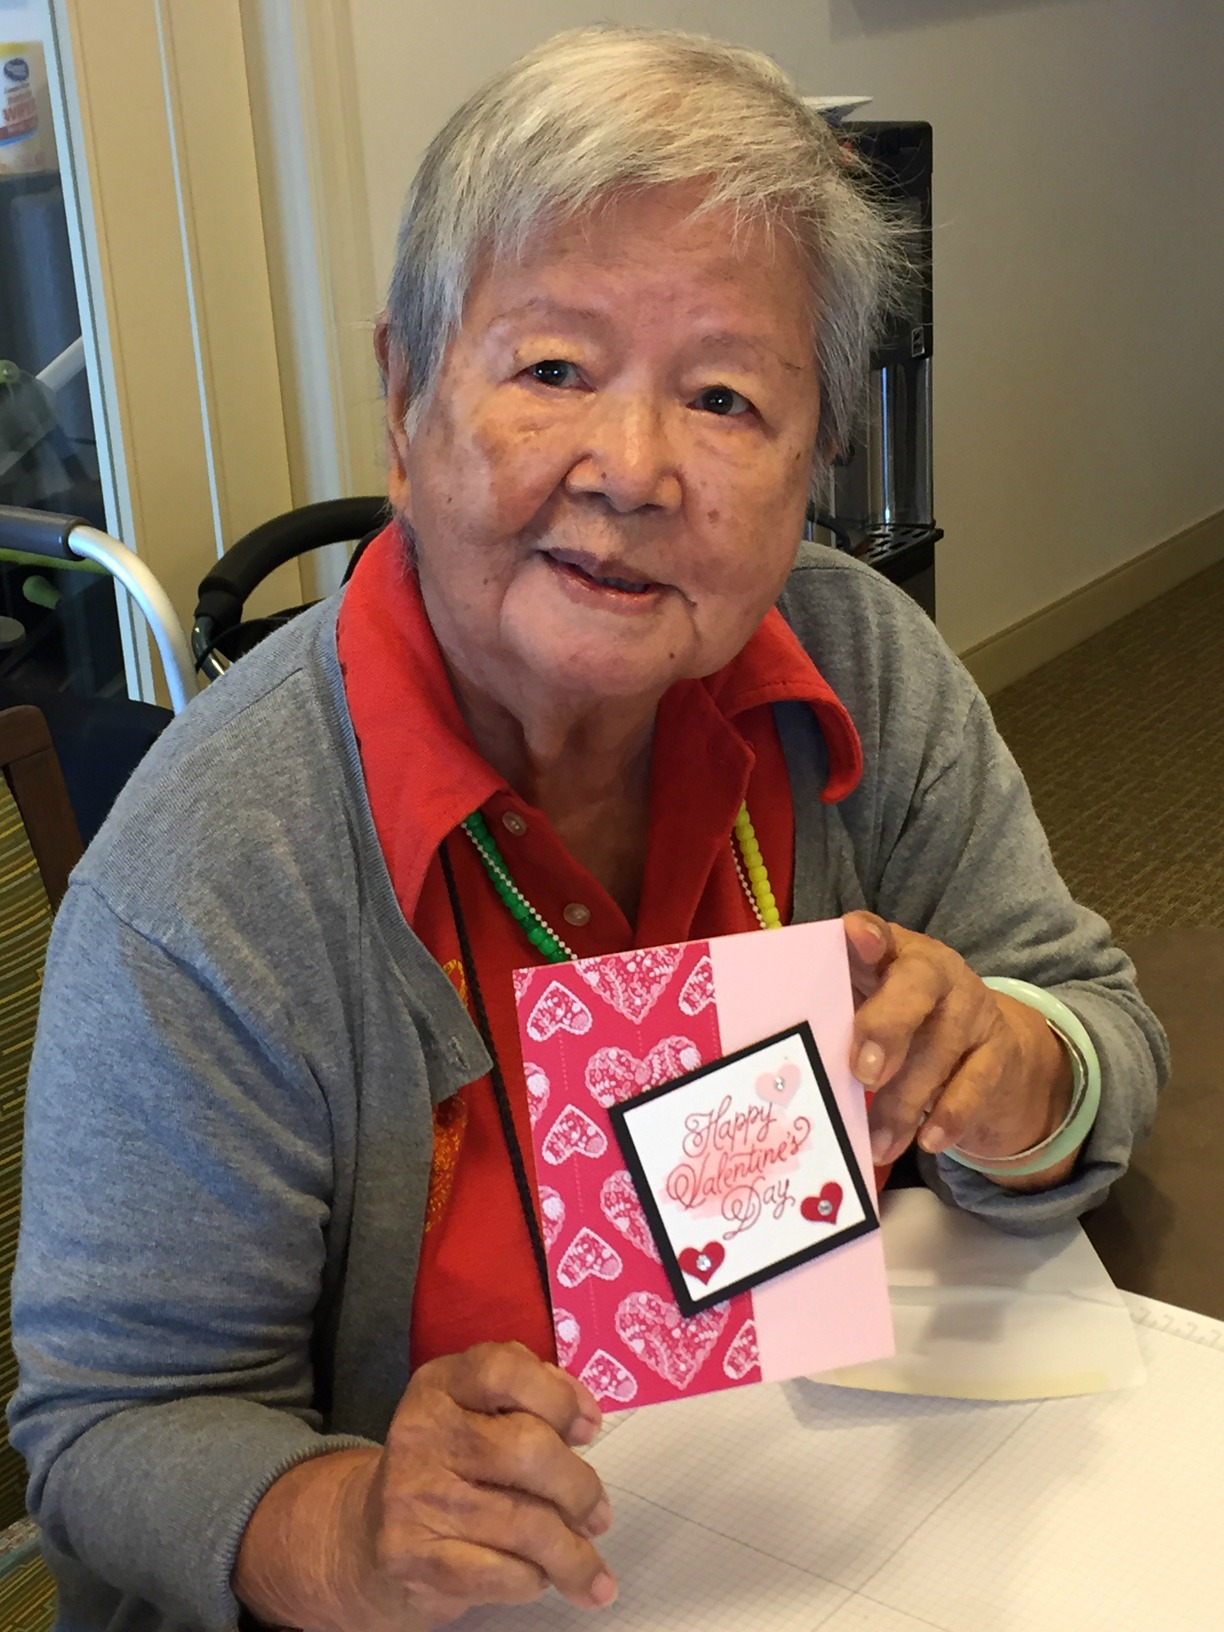 Valentine Card Class - www.stampedwithaloha.com